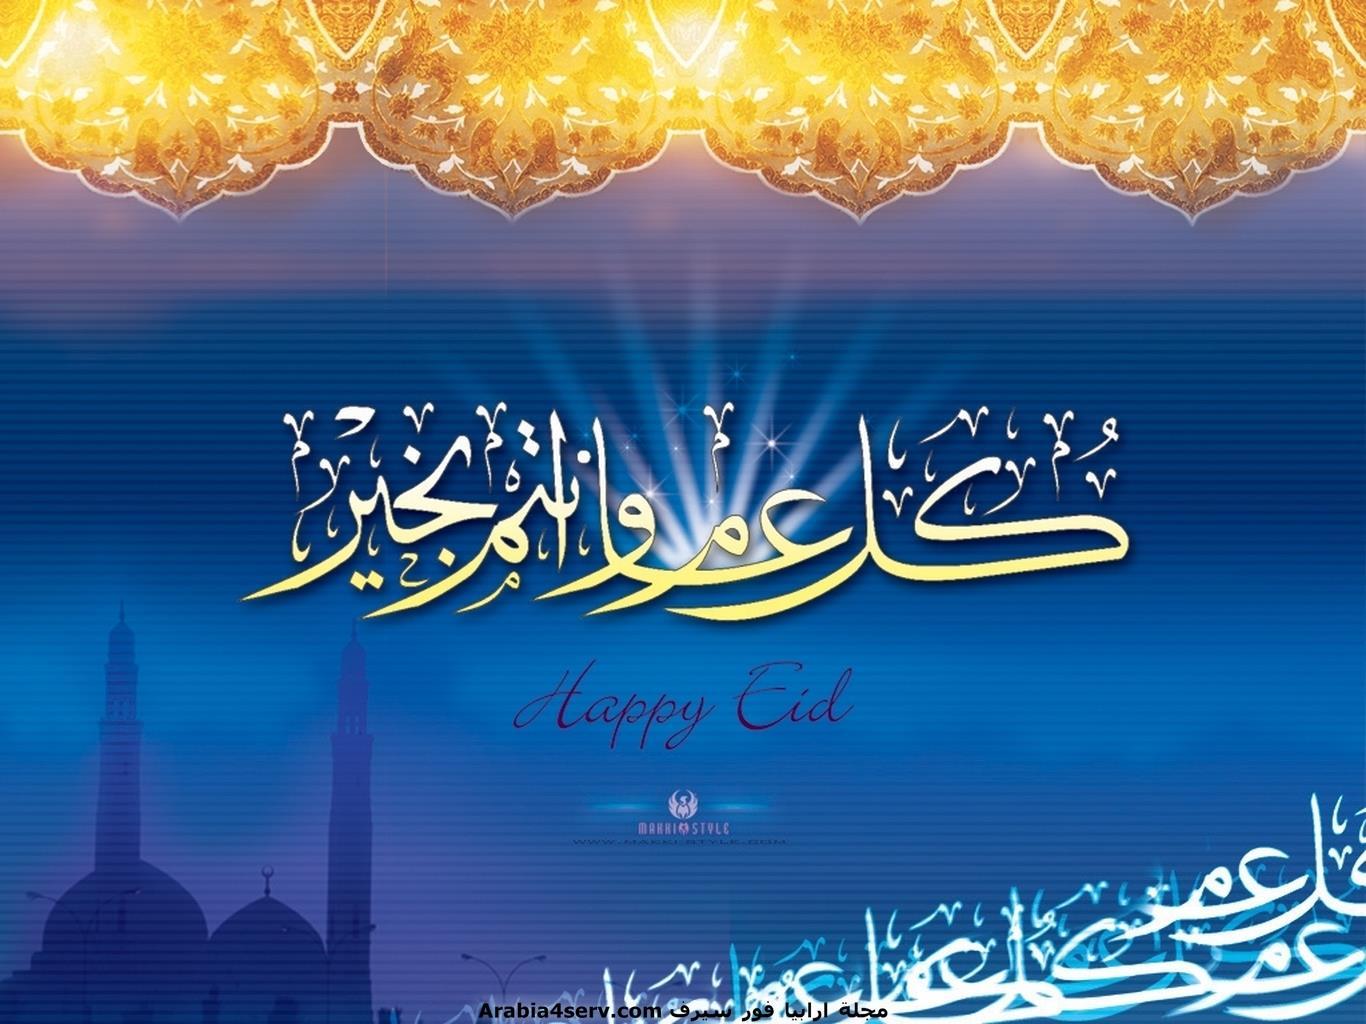 خلفيات-شهر-رمضان-الكريم-7